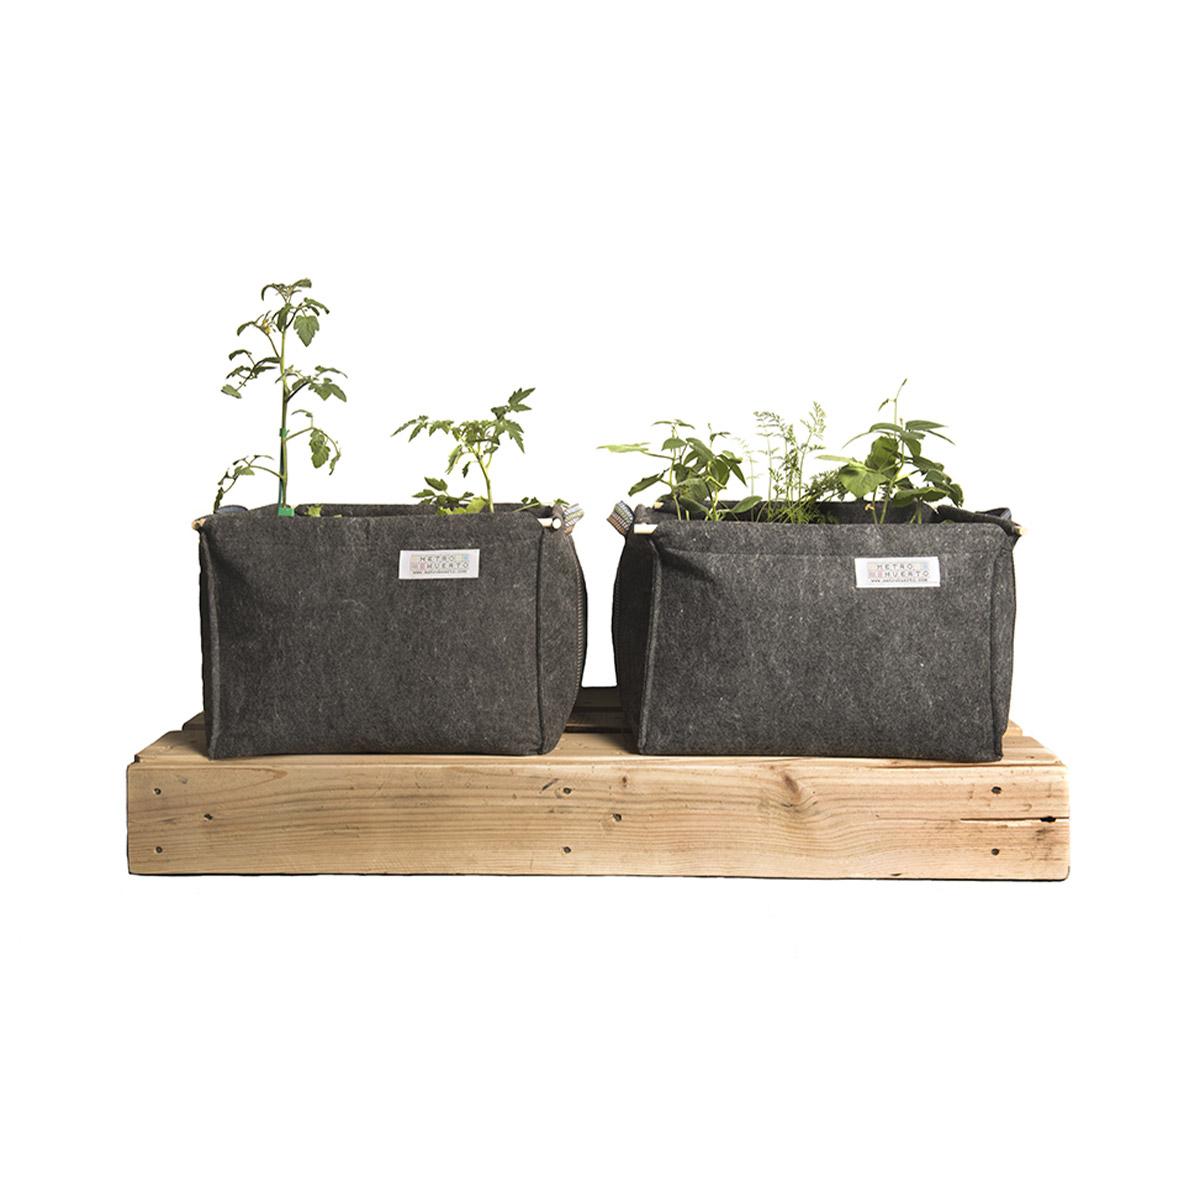 Jardinière bac à fleurs en géotextile 50 x 50 x 30 cm